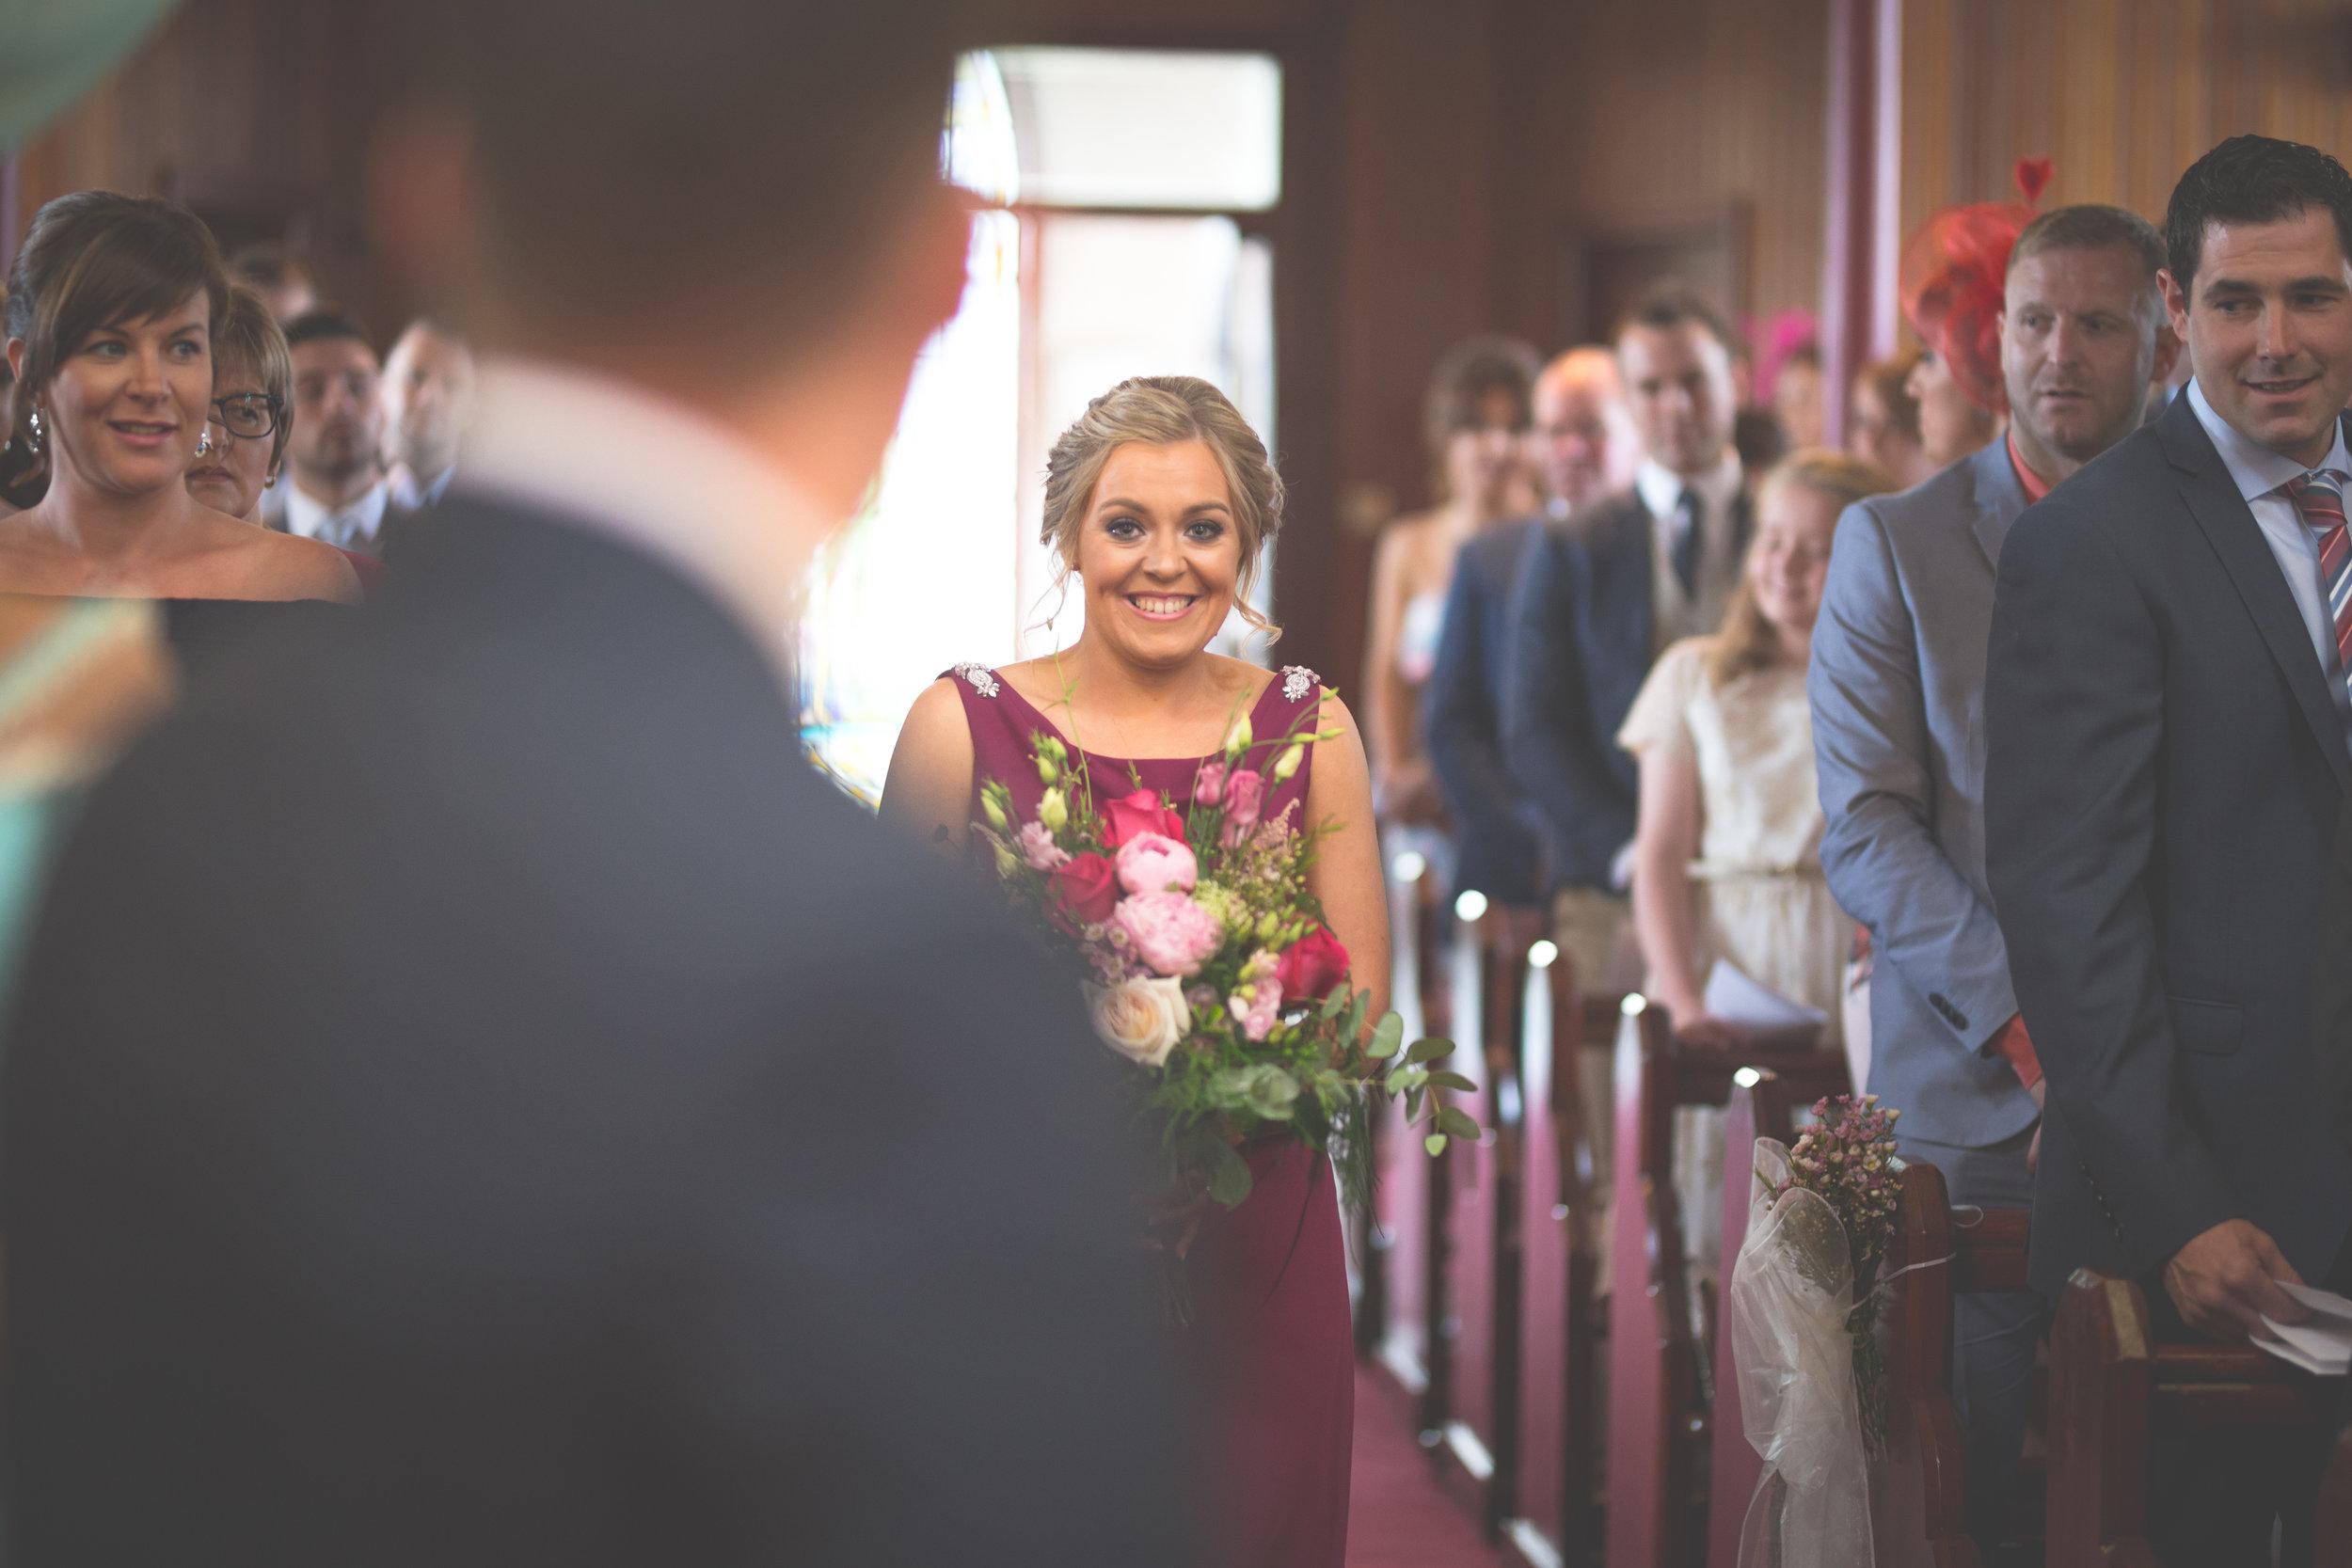 Brian McEwan Wedding Photography   Carol-Anne & Sean   The Ceremony-17.jpg